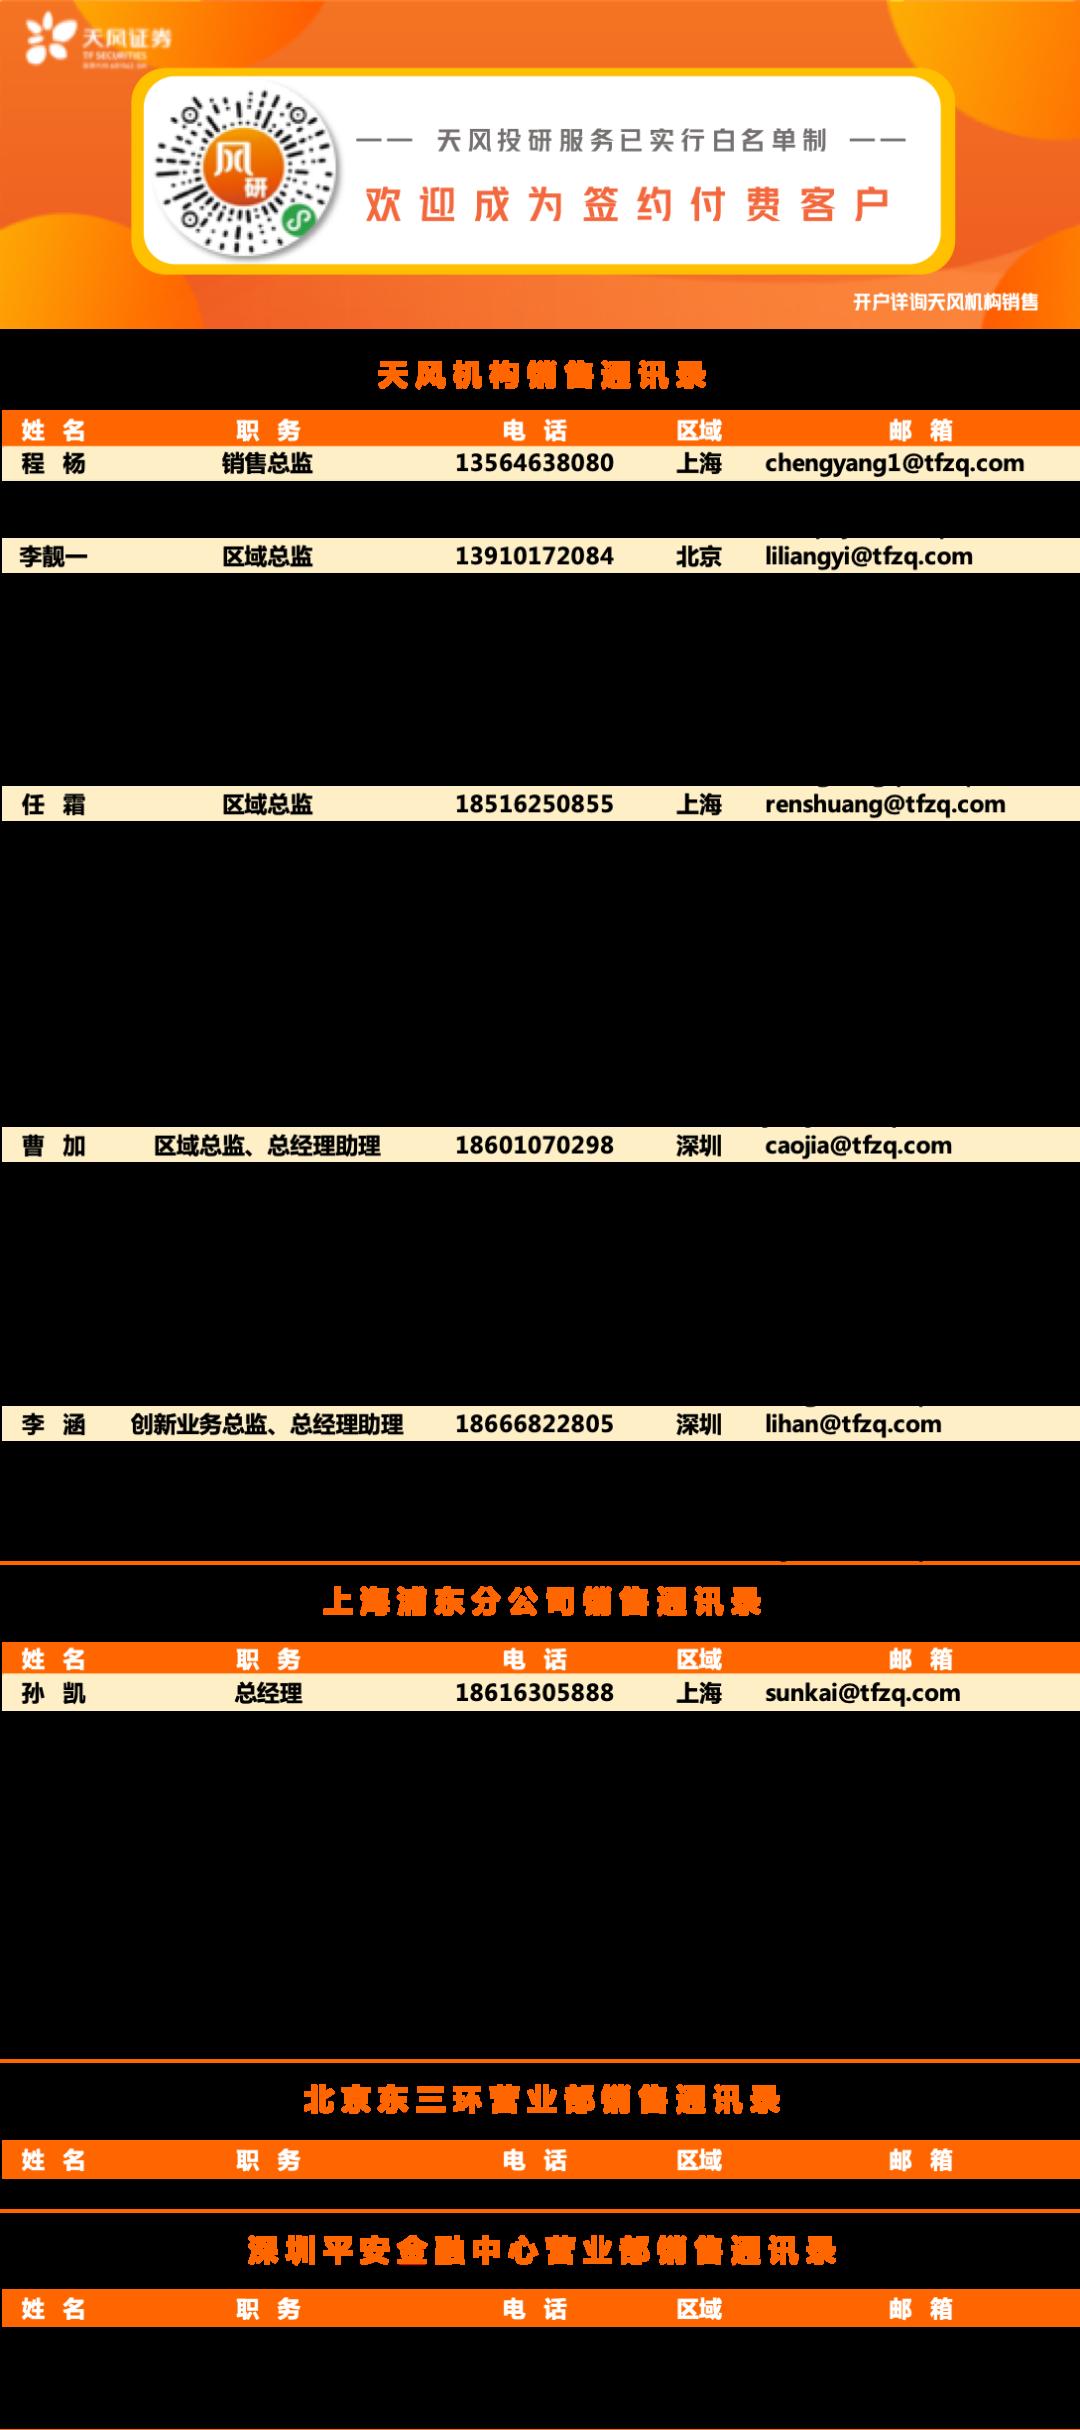 【电新】锂电化大风口1: 电动工具电池国产替代正当时